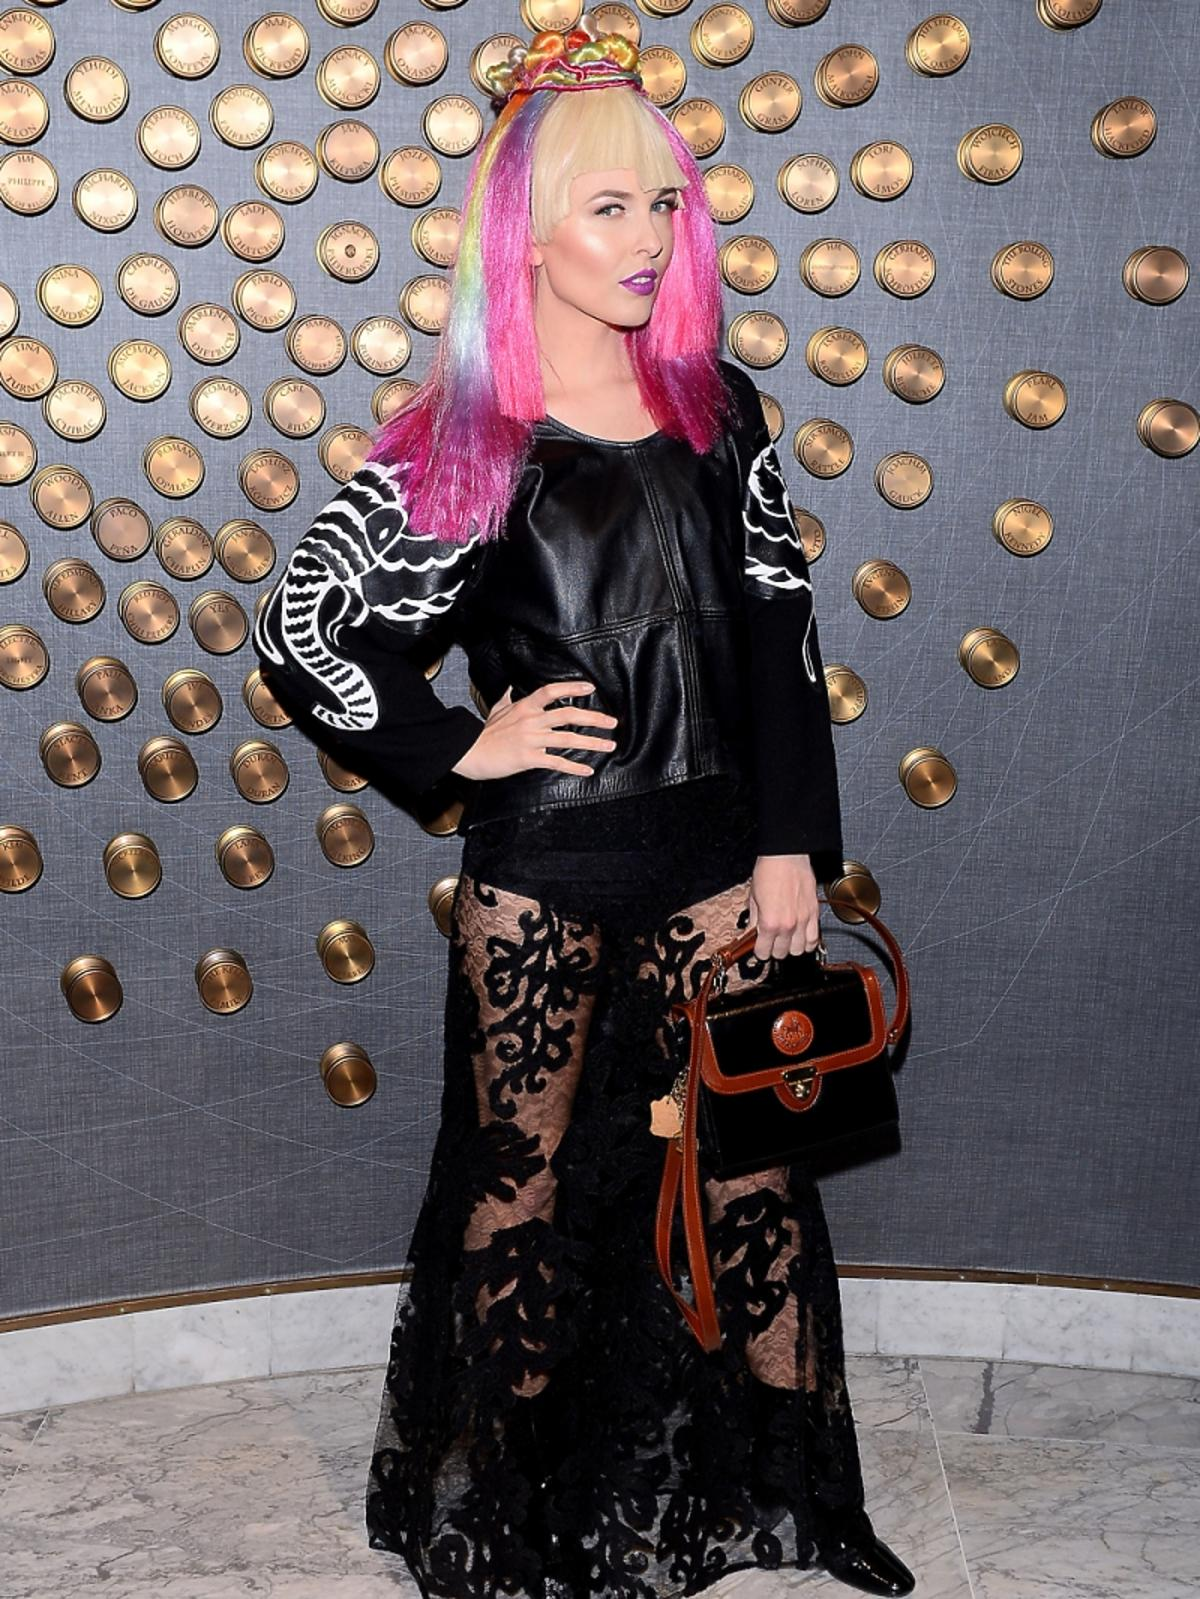 Ramona Rey w różowych włosach i czarnej przezroczystej stylizacji